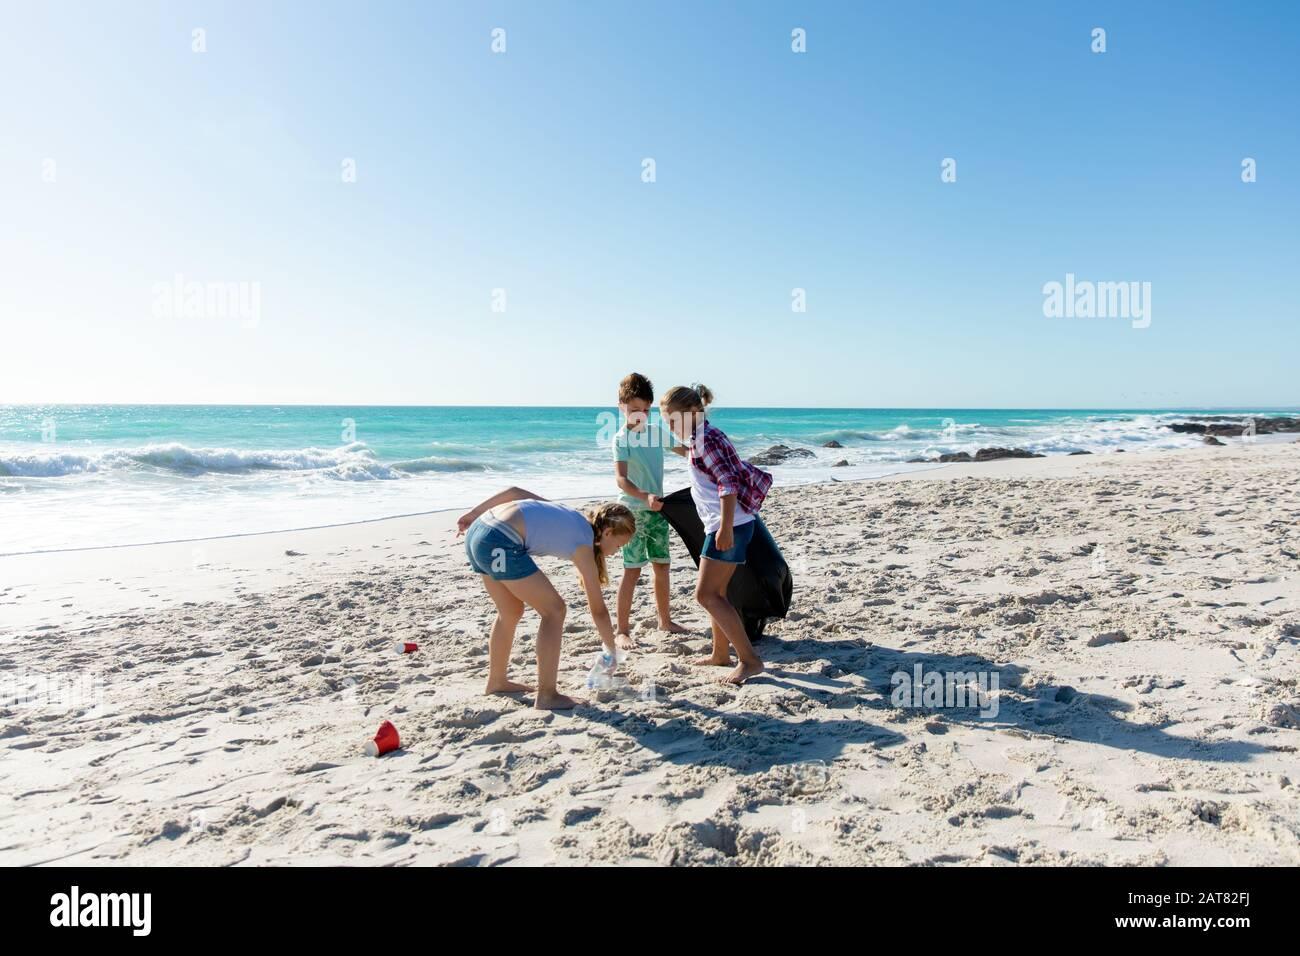 Frère et sœurs s'amuser à la plage Banque D'Images